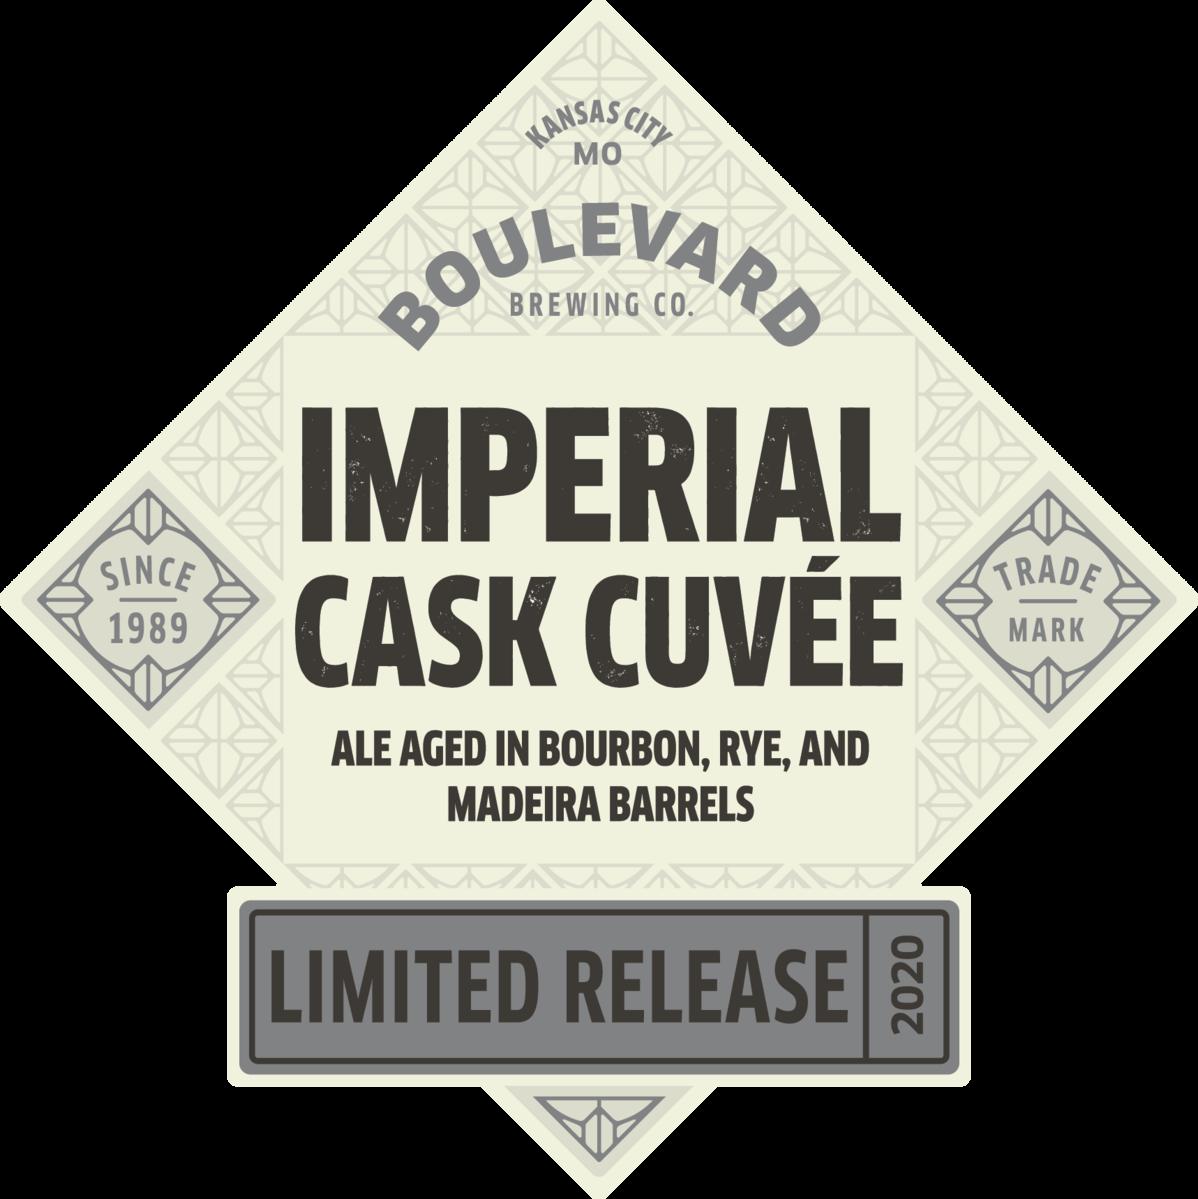 Imperial Cask Cuvée